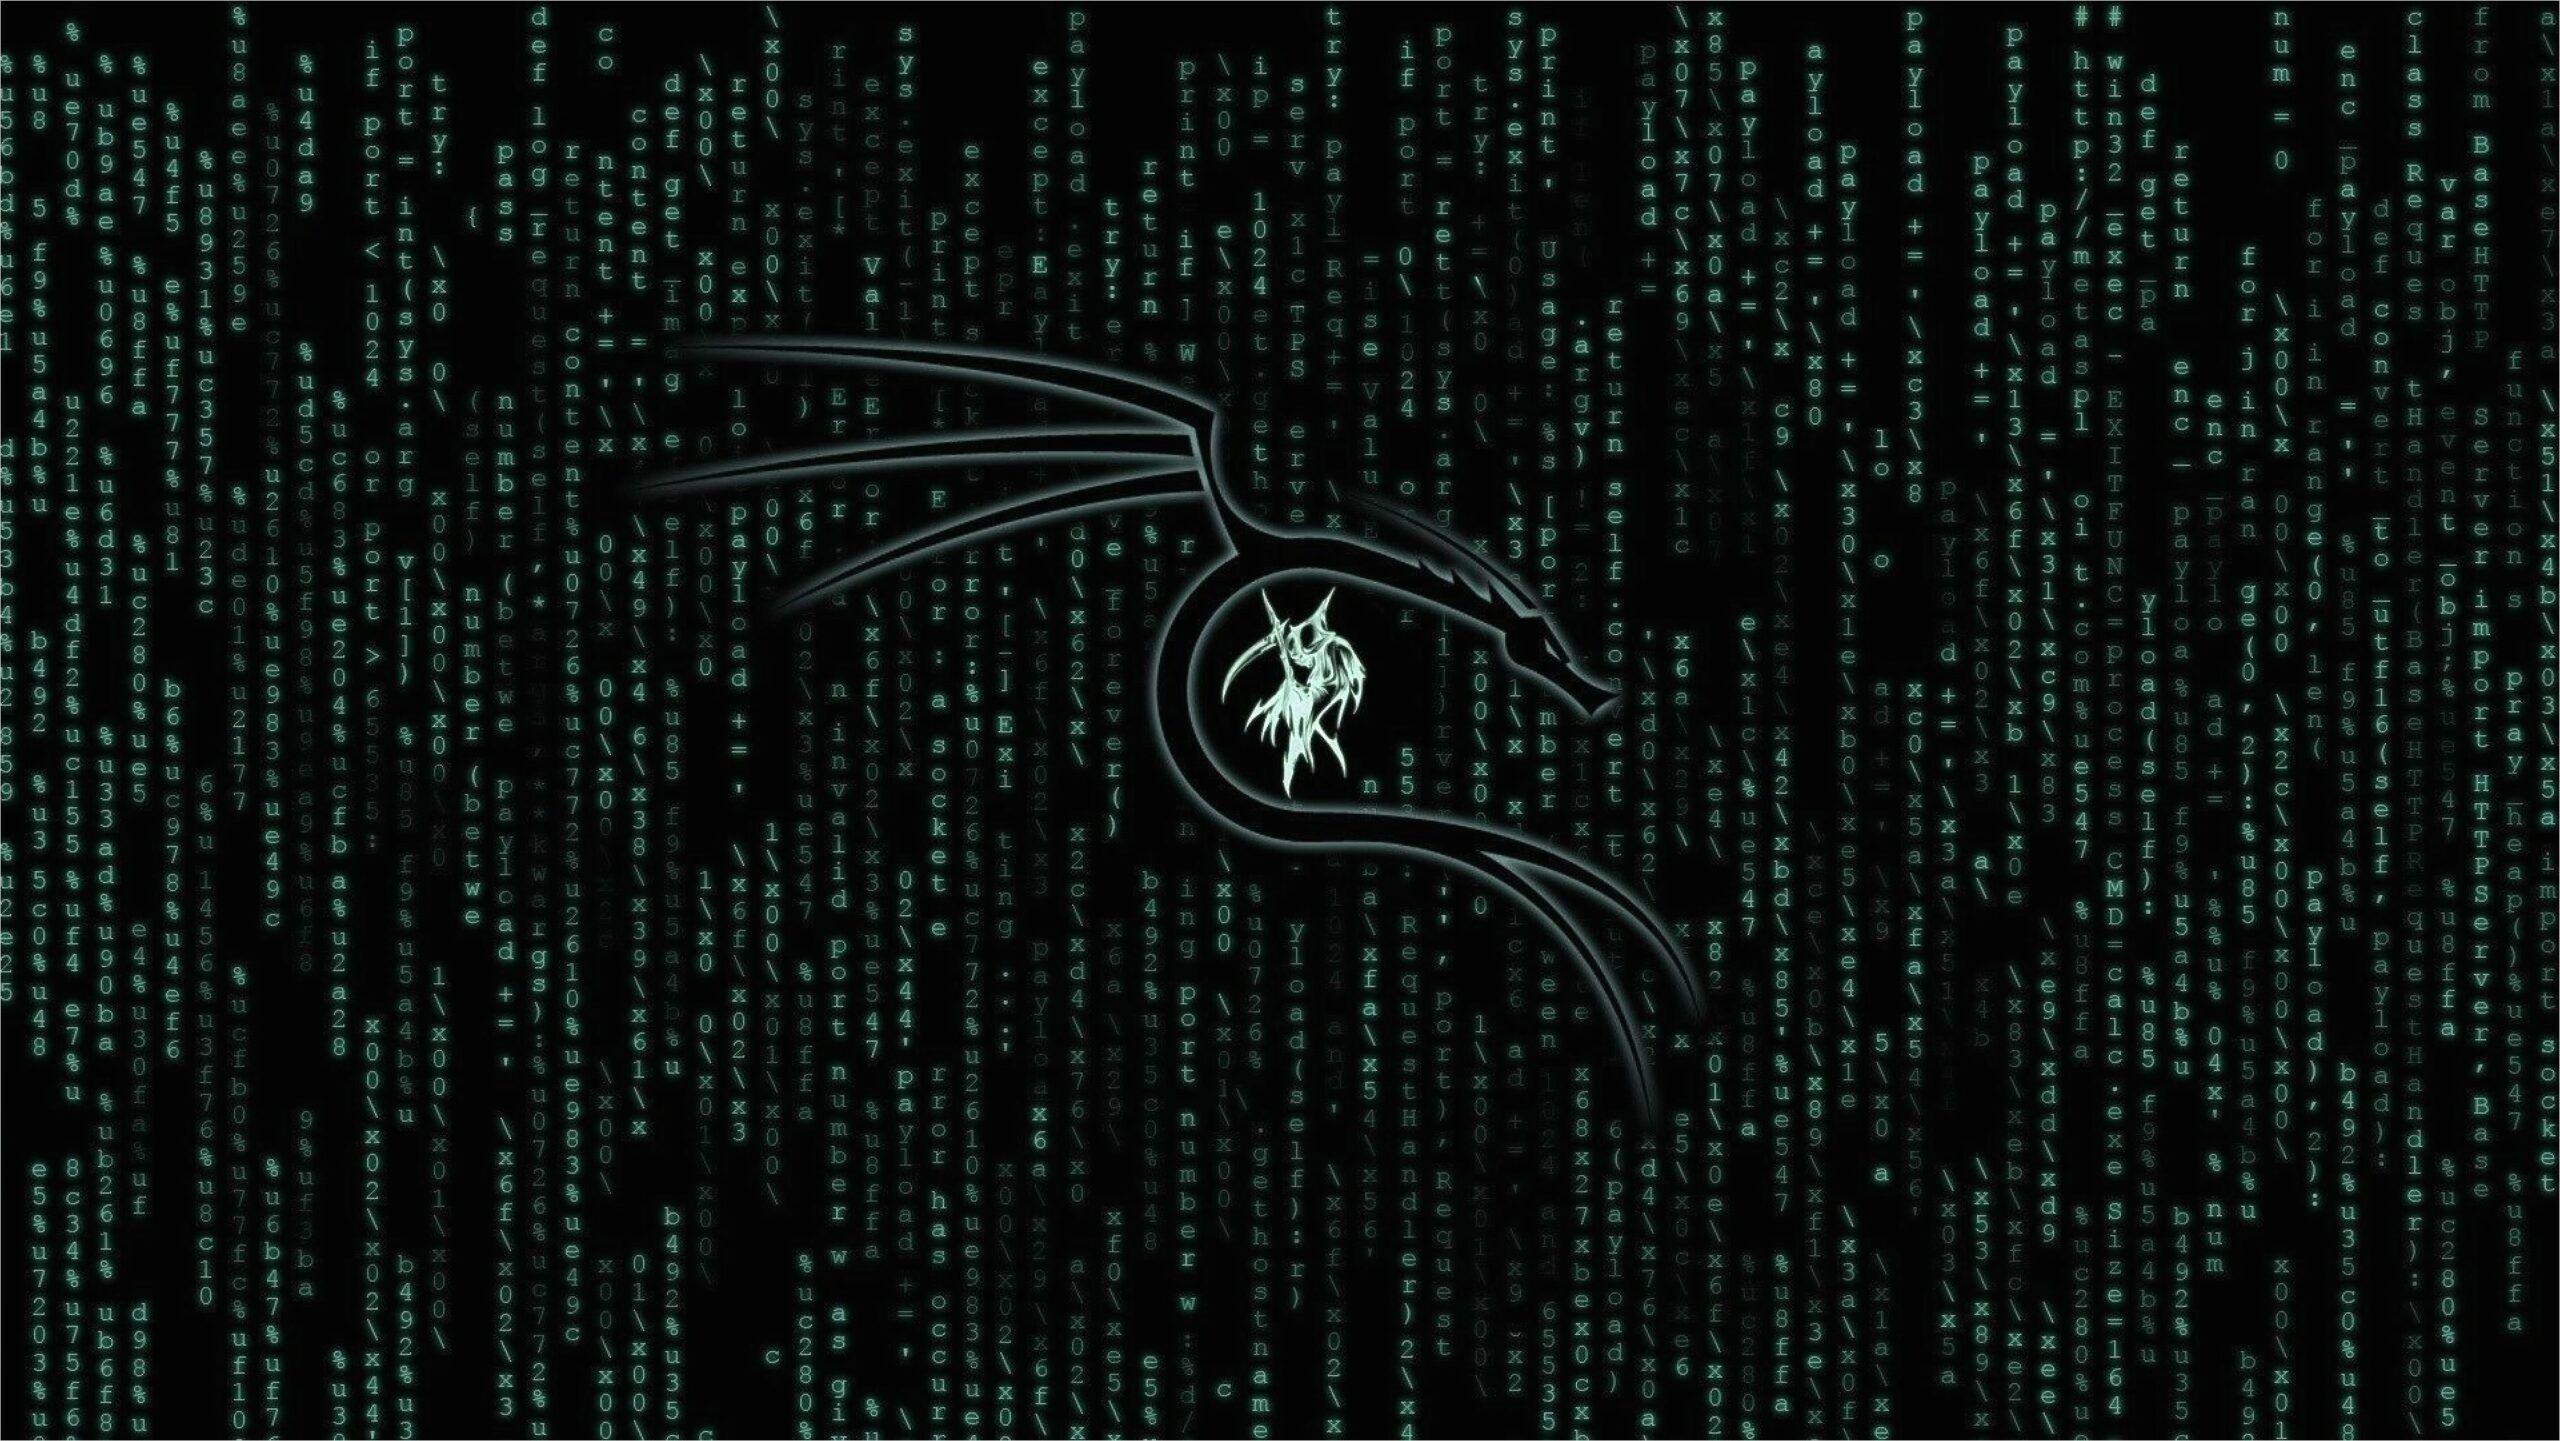 Kali Linux Wallpaper 4k In 2020 Black Hd Wallpaper Wallpaper Downloads Hd Wallpaper